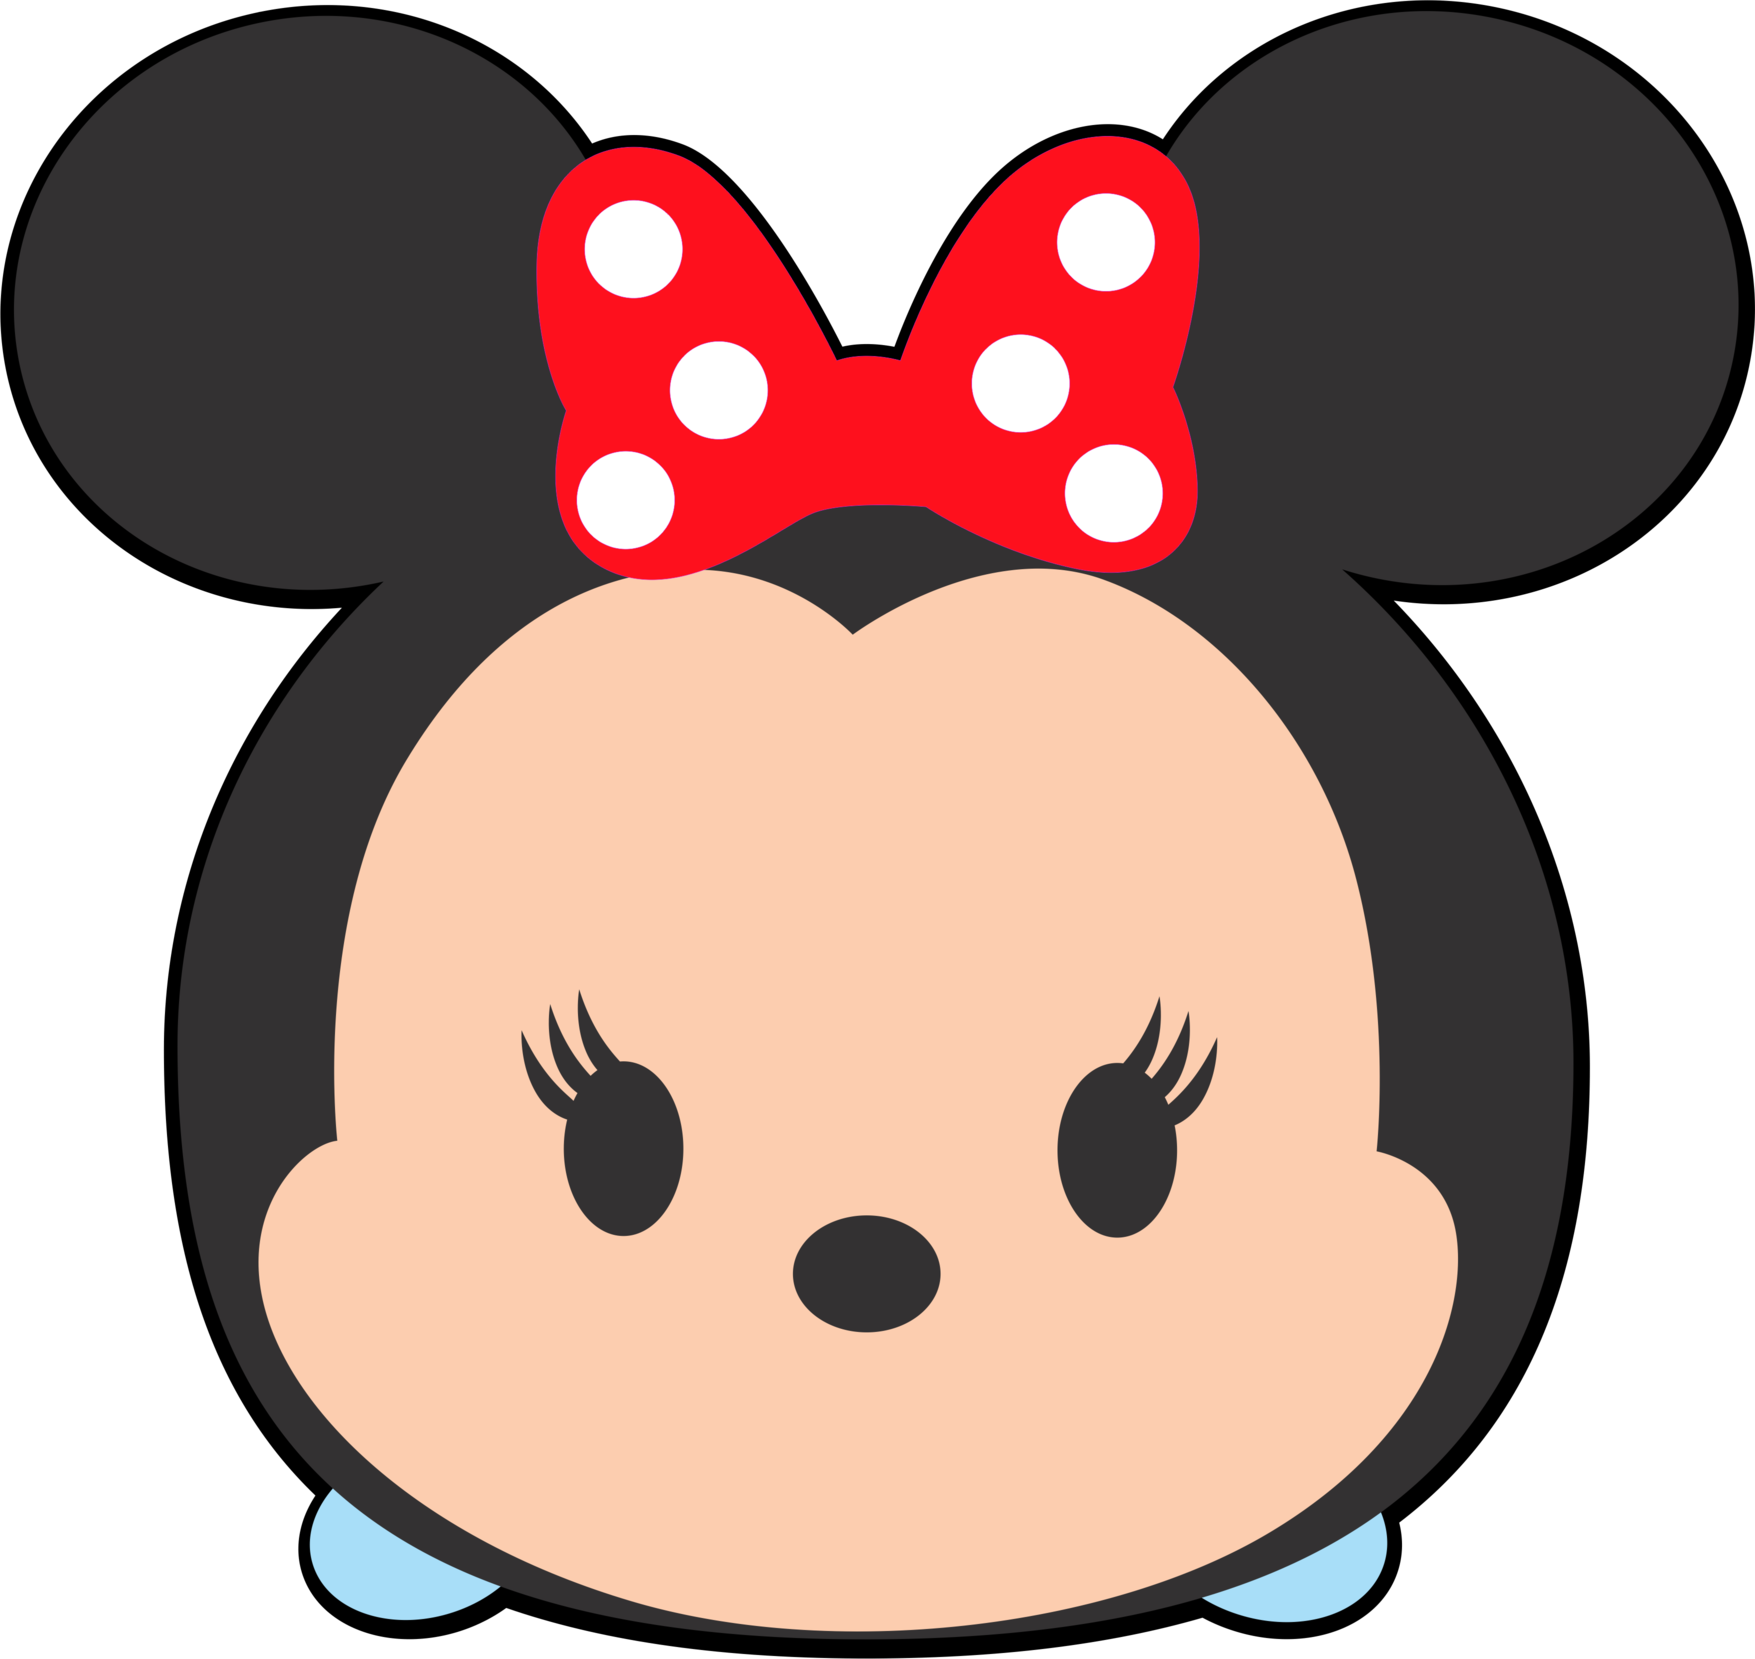 Disney Tsum Tsum Clipart Minnie Mouse.